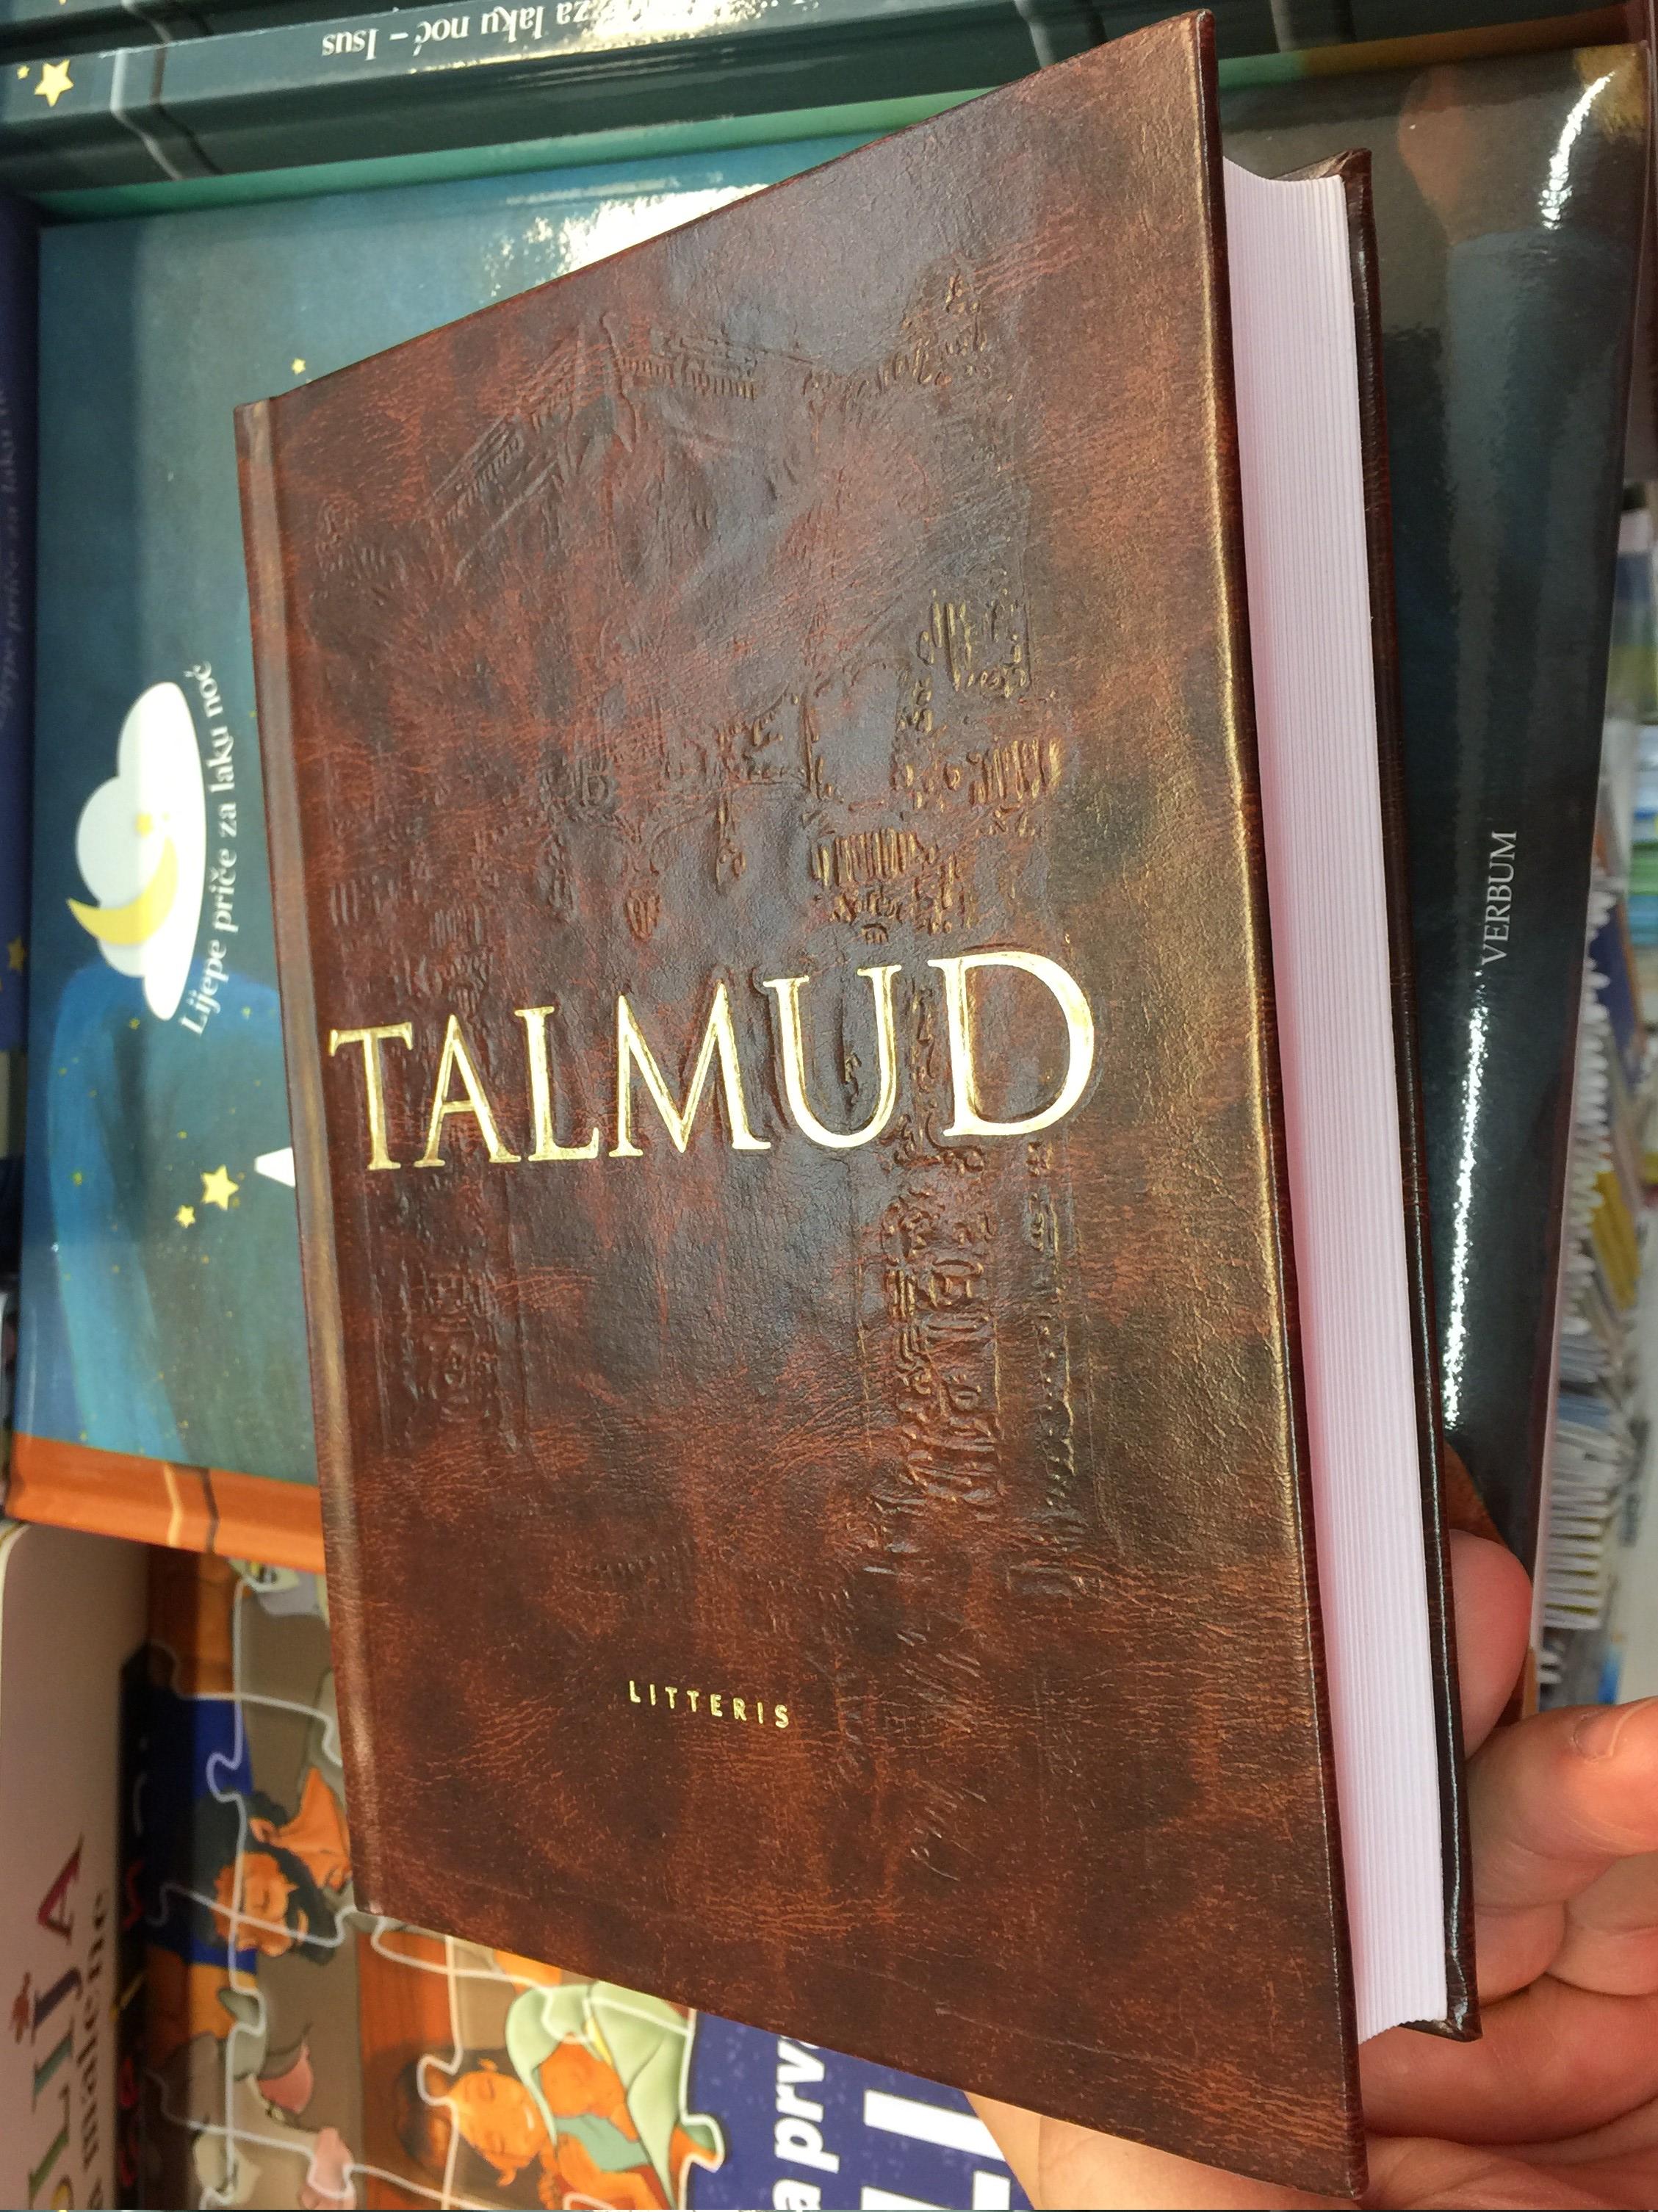 talmud-by-eugen-werber-izbor-i-prijevod-tekstova-s-hebrejskoga-i-aramejskoga-25.jpg